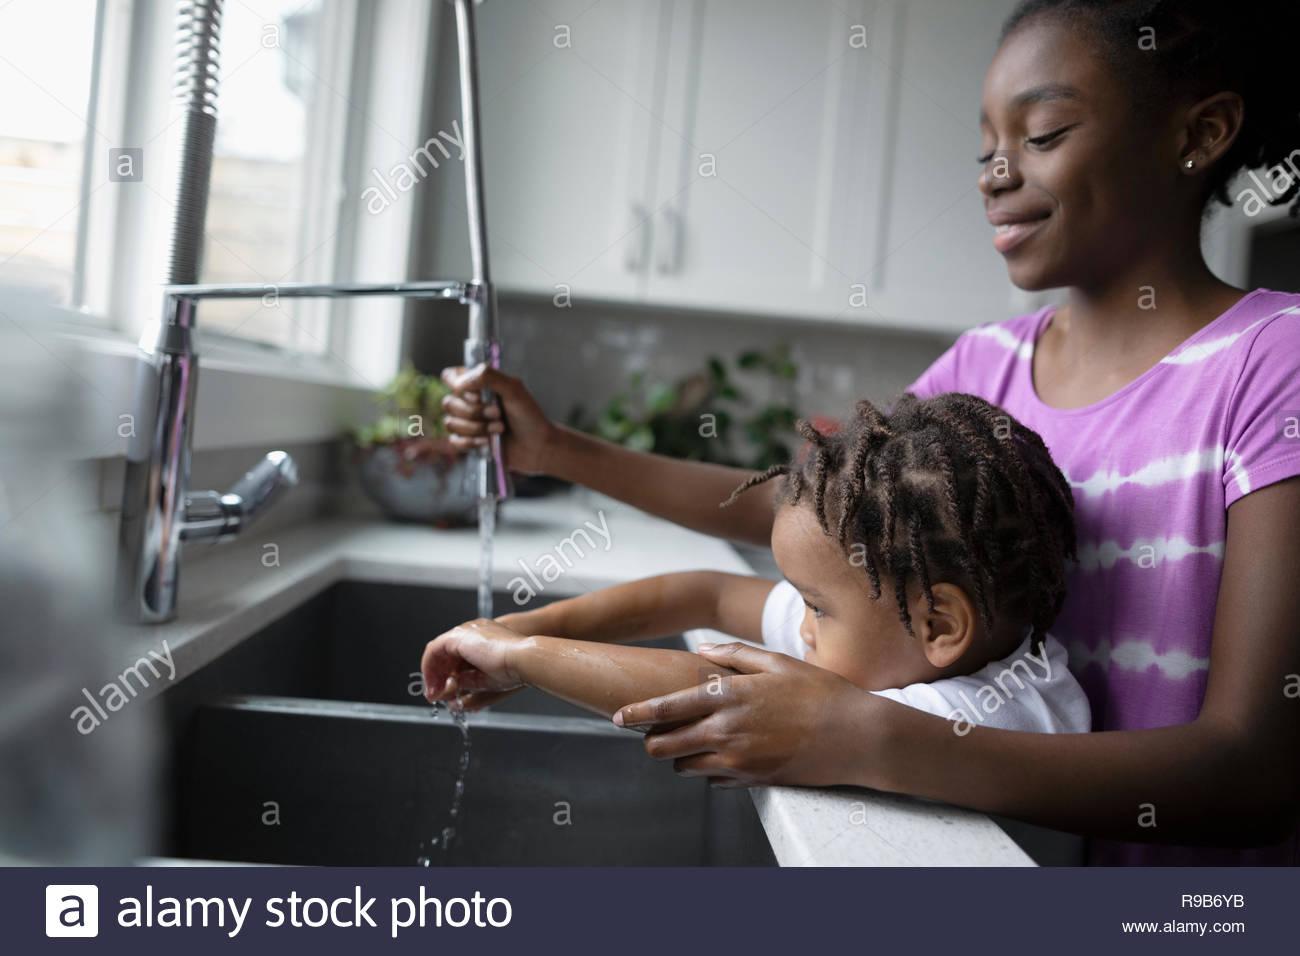 Hermana que ayudaba a infante hermano el lavado de manos en el lavabo de la cocina Imagen De Stock